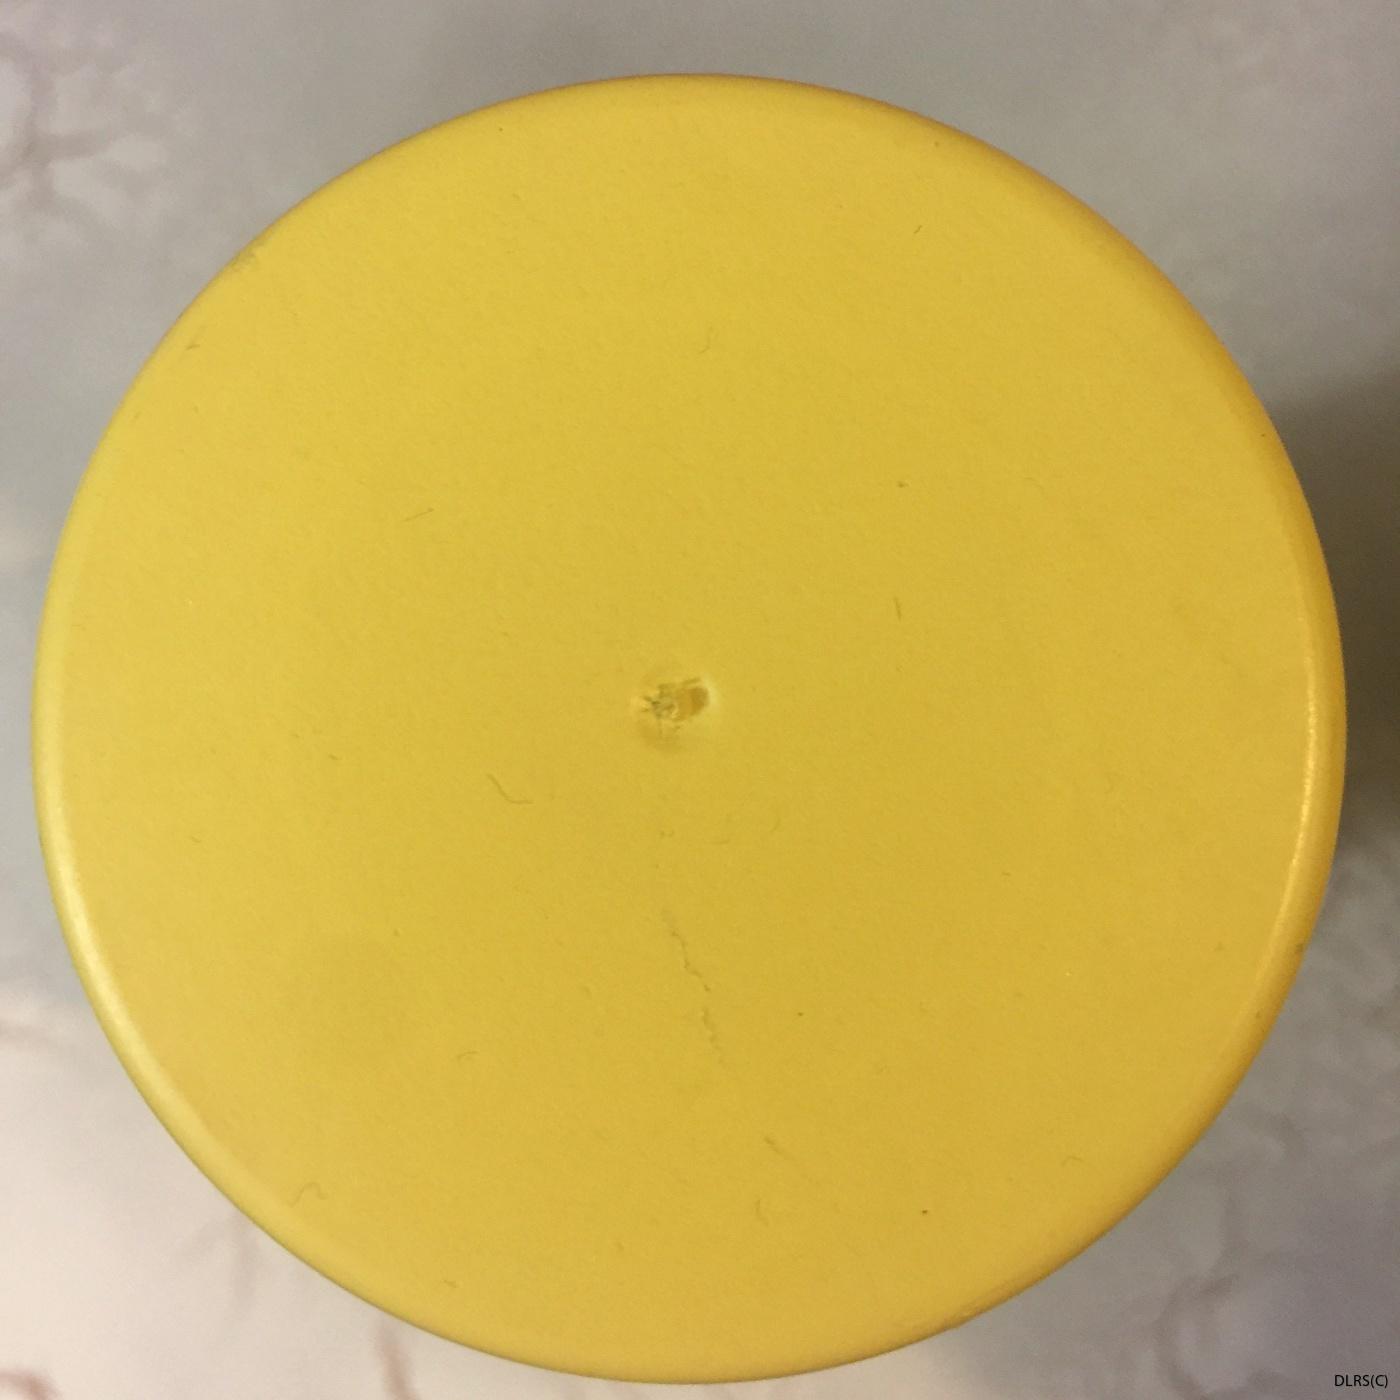 jasmin yellow 327001